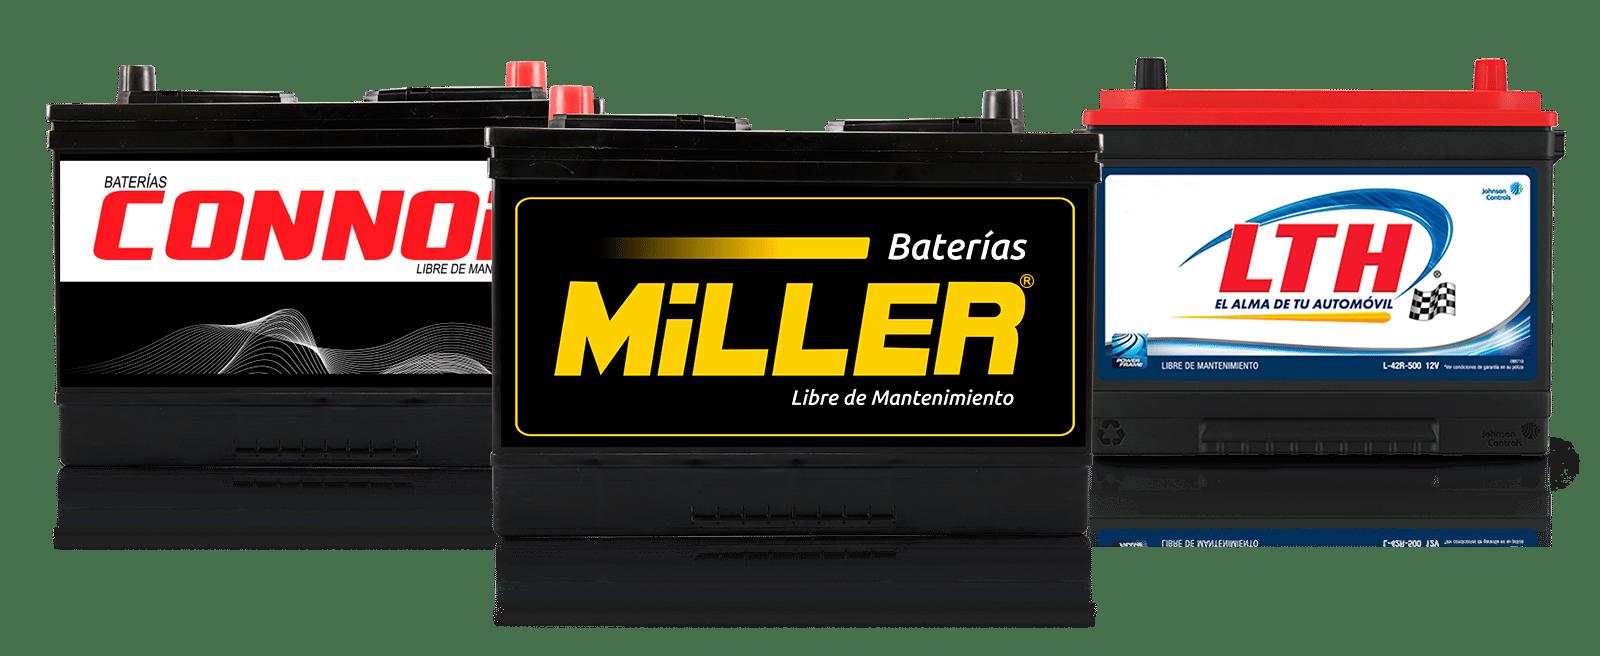 Cotizar batería en Mister Baterías Guatemala - LTH Miller Connor con instalación a domicilio gratis